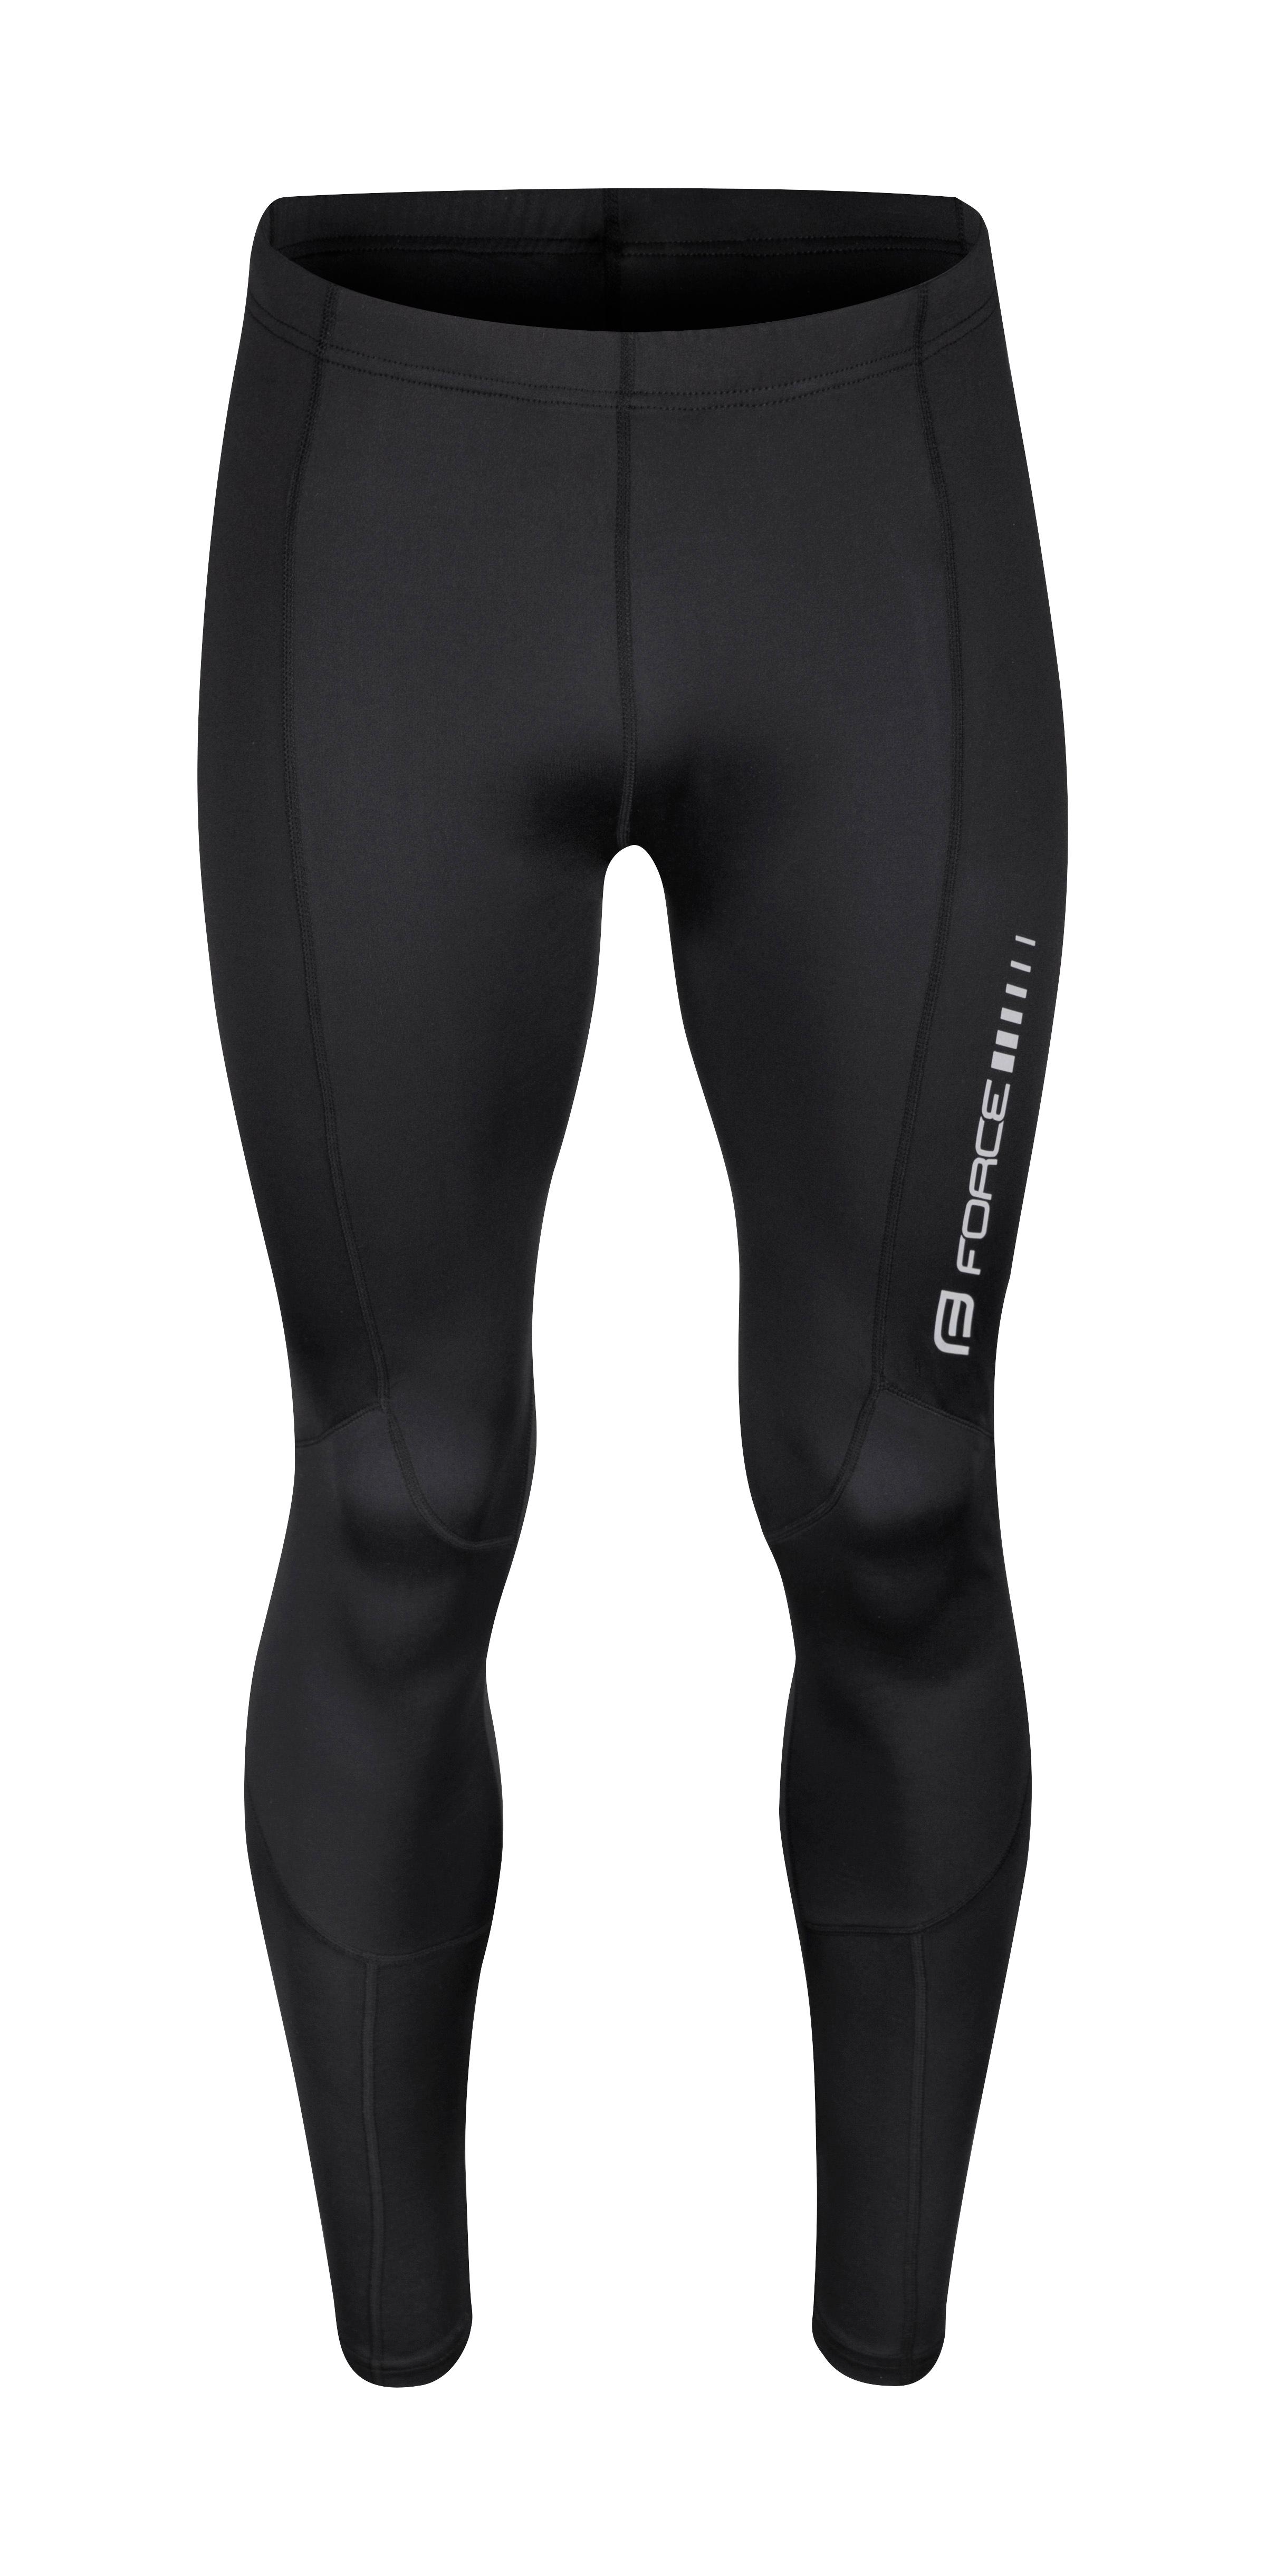 kalhoty FORCE Z68 do pasu bez vložky, černé M